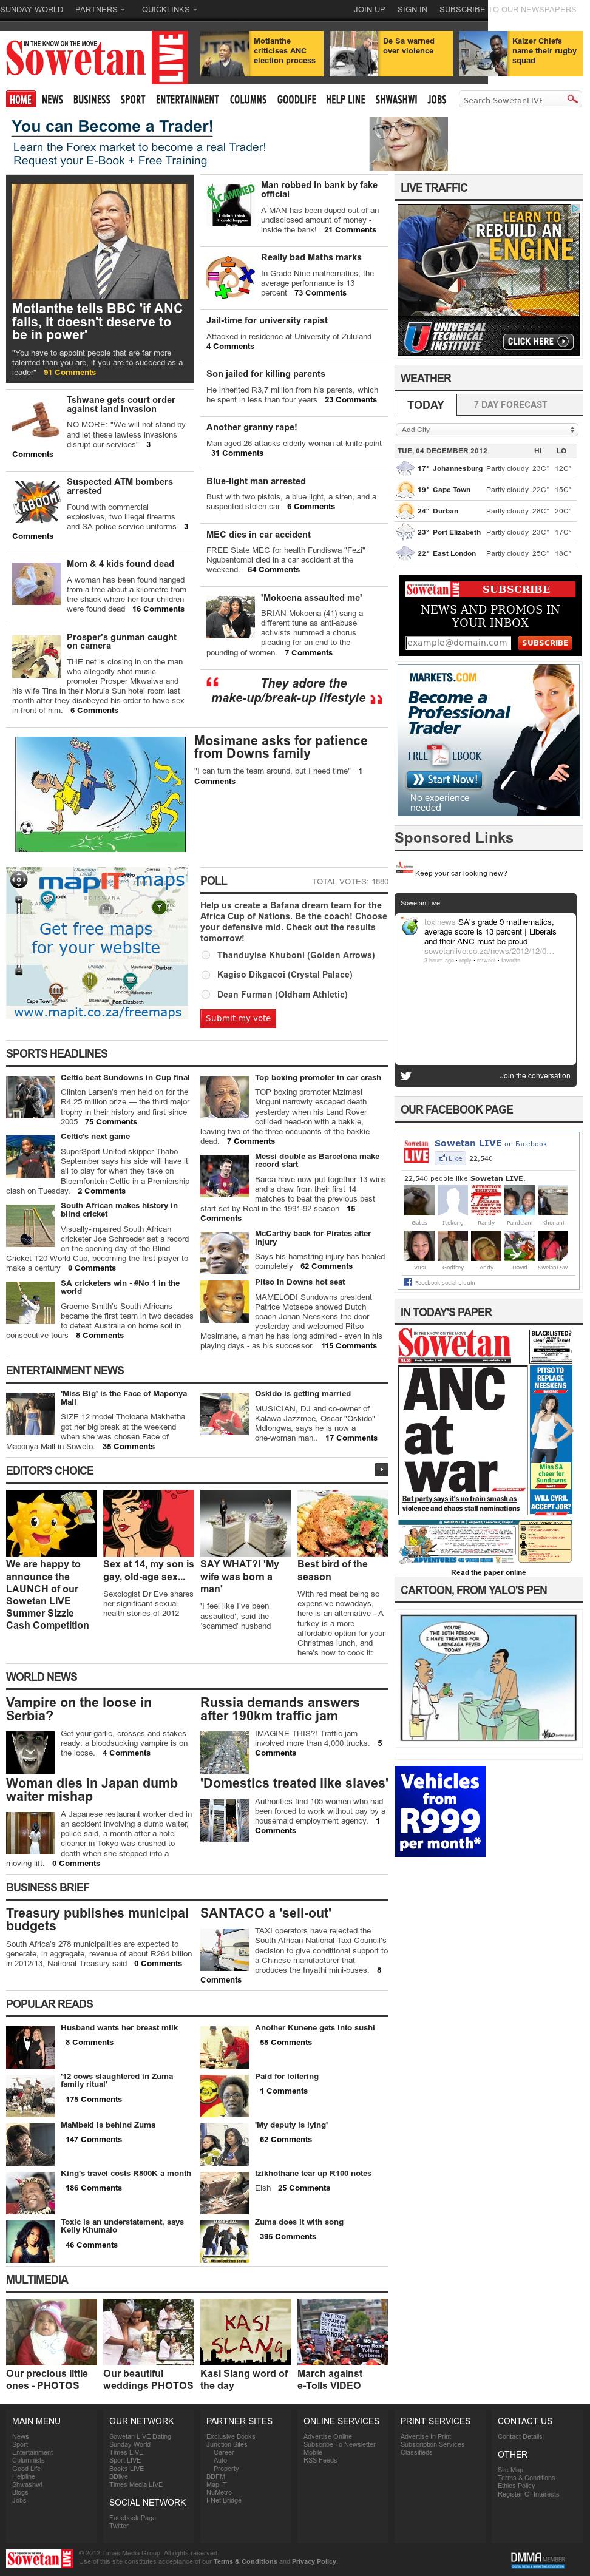 Sowetan Live at Tuesday Dec. 4, 2012, 12:30 a.m. UTC